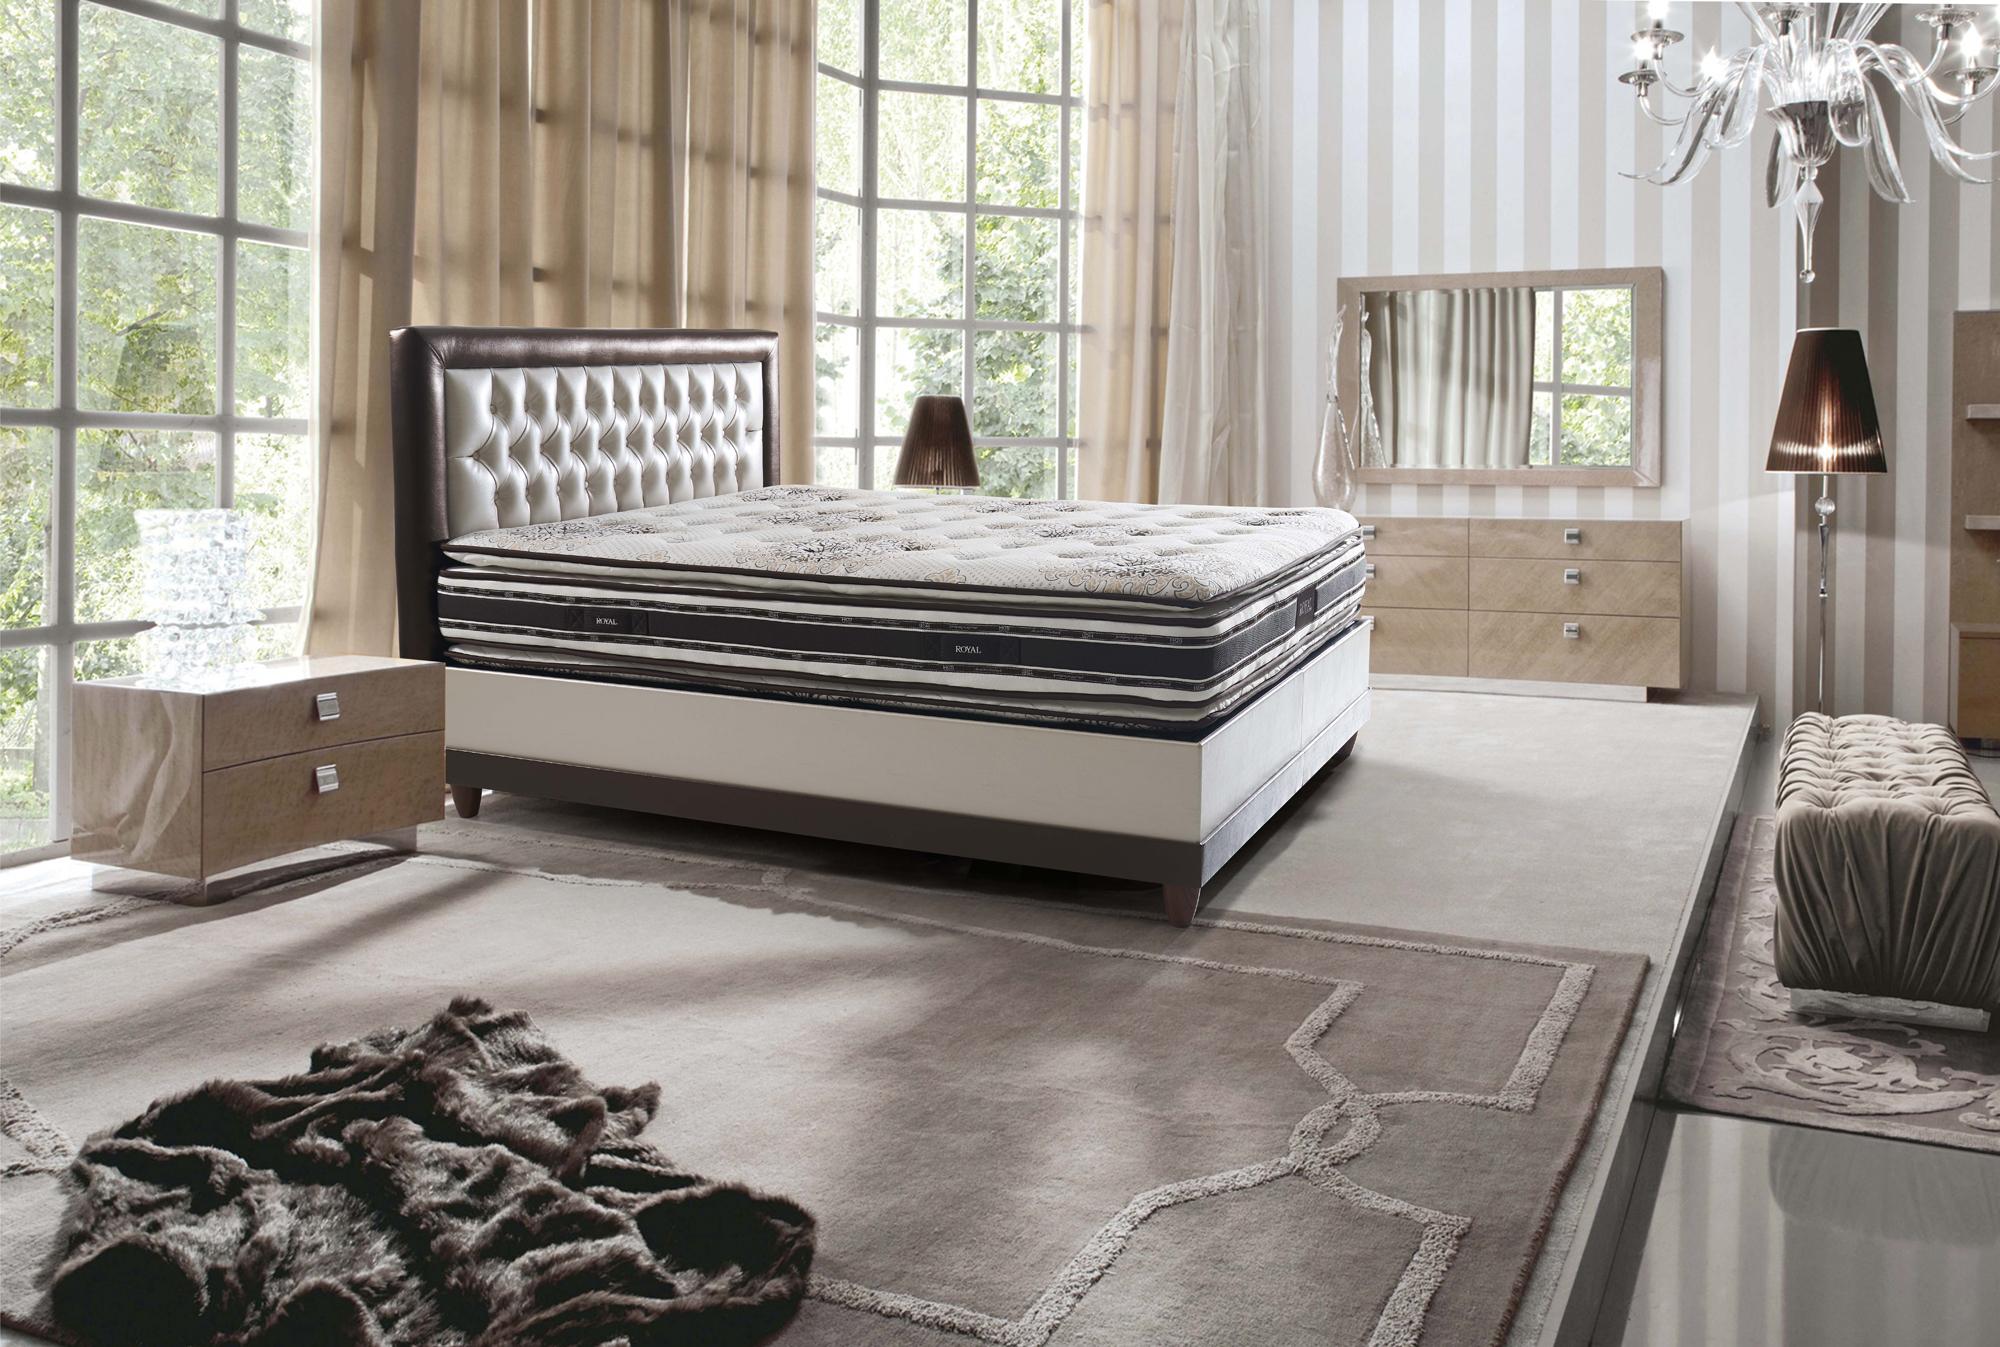 royal mbel essen bazalar affordable great royal mbel. Black Bedroom Furniture Sets. Home Design Ideas